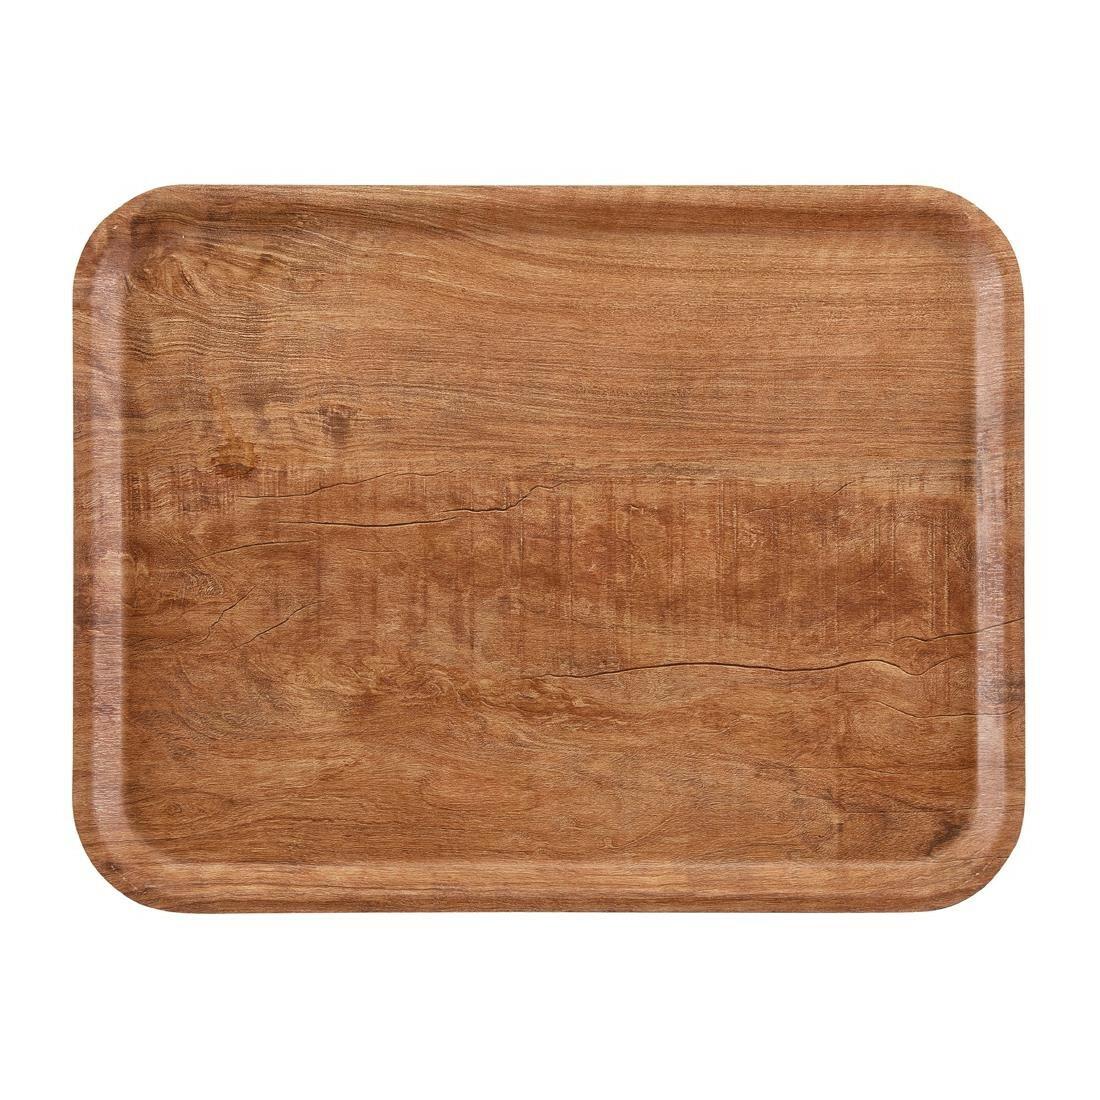 Cambro rechthoekig dienblad bruin olijf 46 x 33 cm